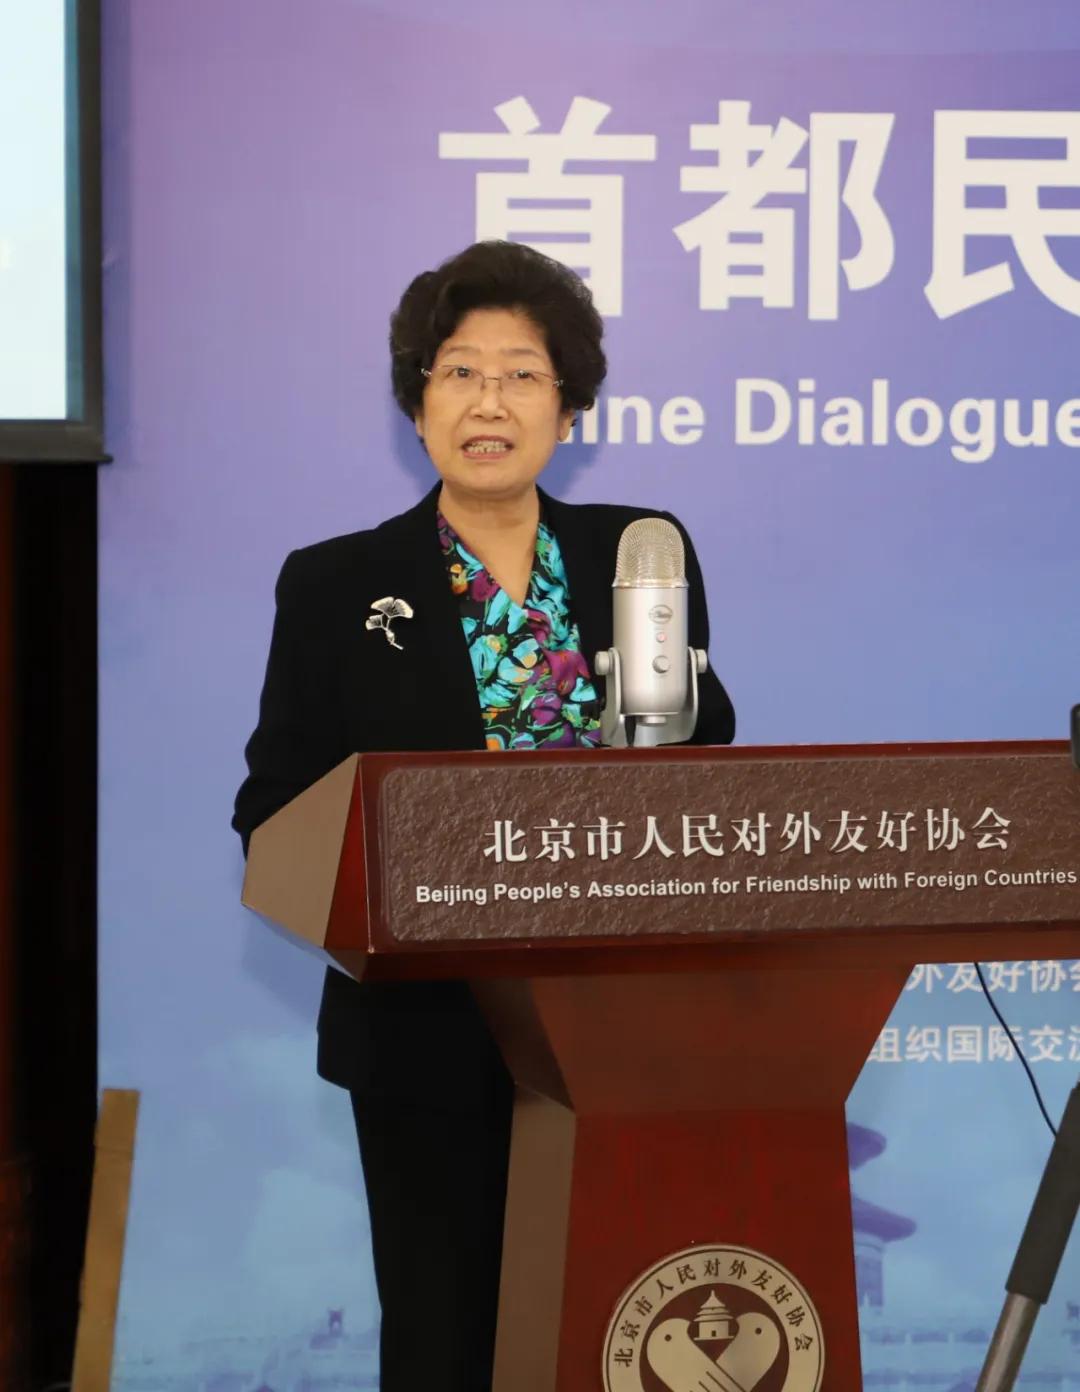 首都民间国际交流与合作云对话在北京举行